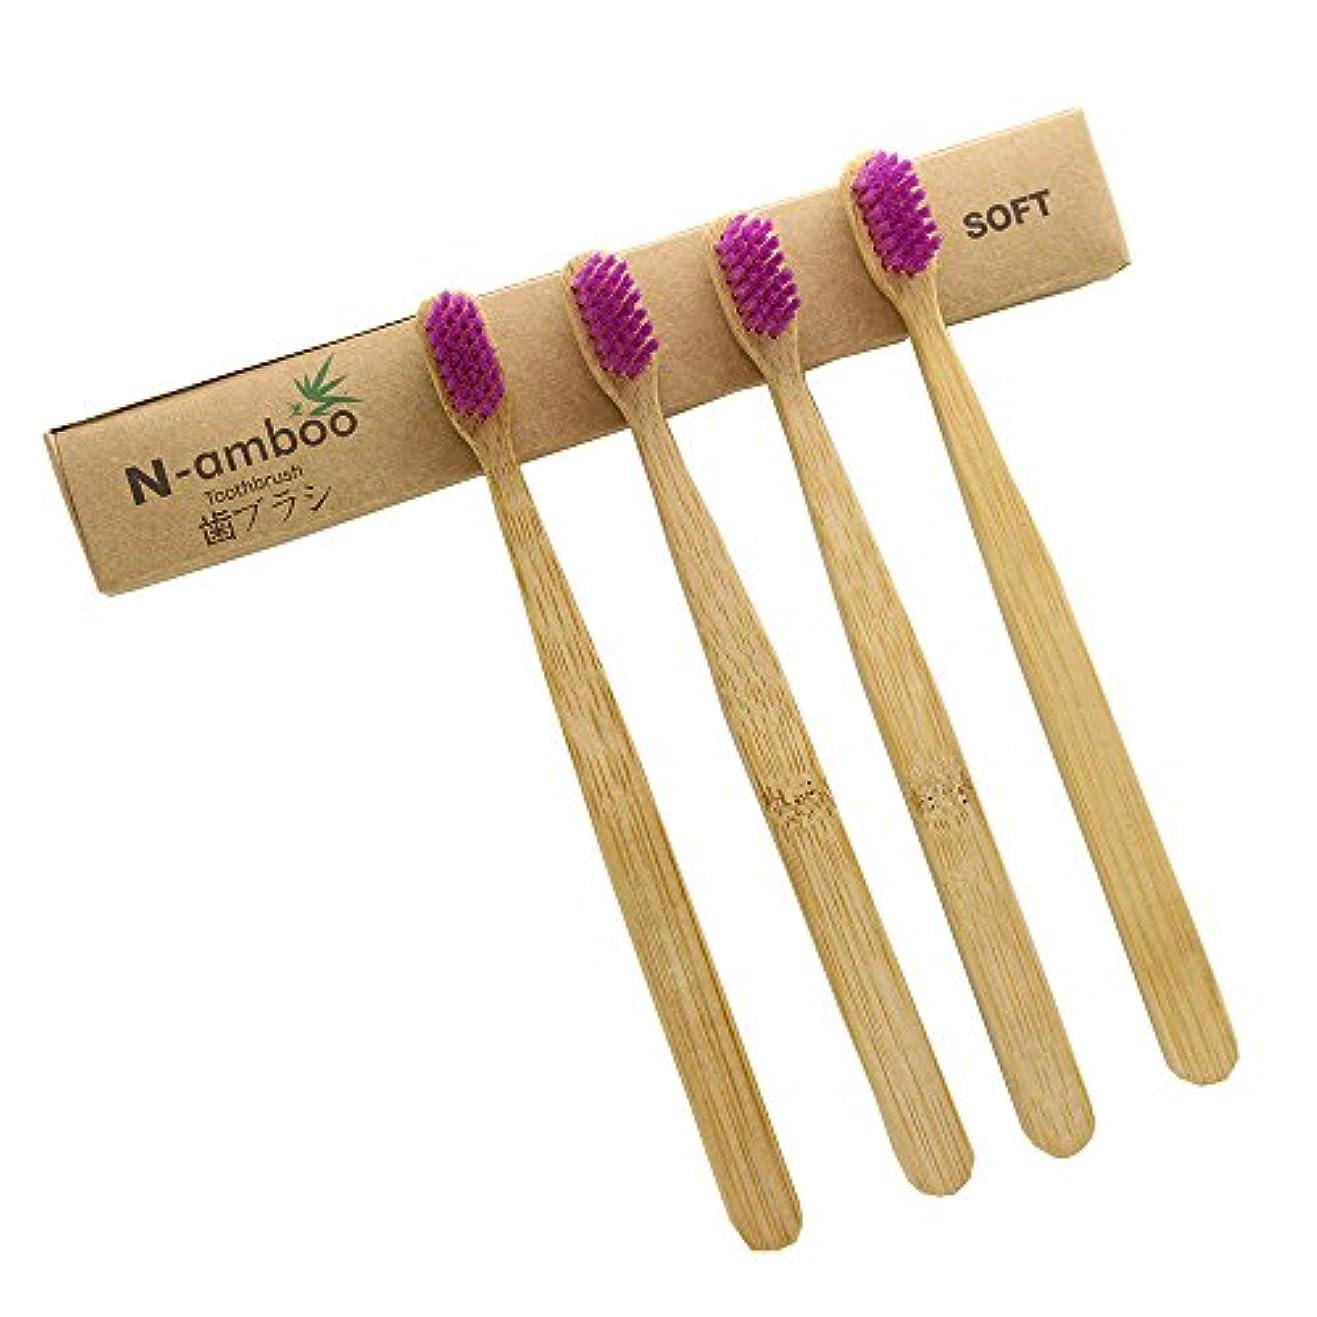 事実懸念候補者N-amboo 竹製 歯ブラシ 高耐久性 むらさきいろ エコ 色あざやか (4本)